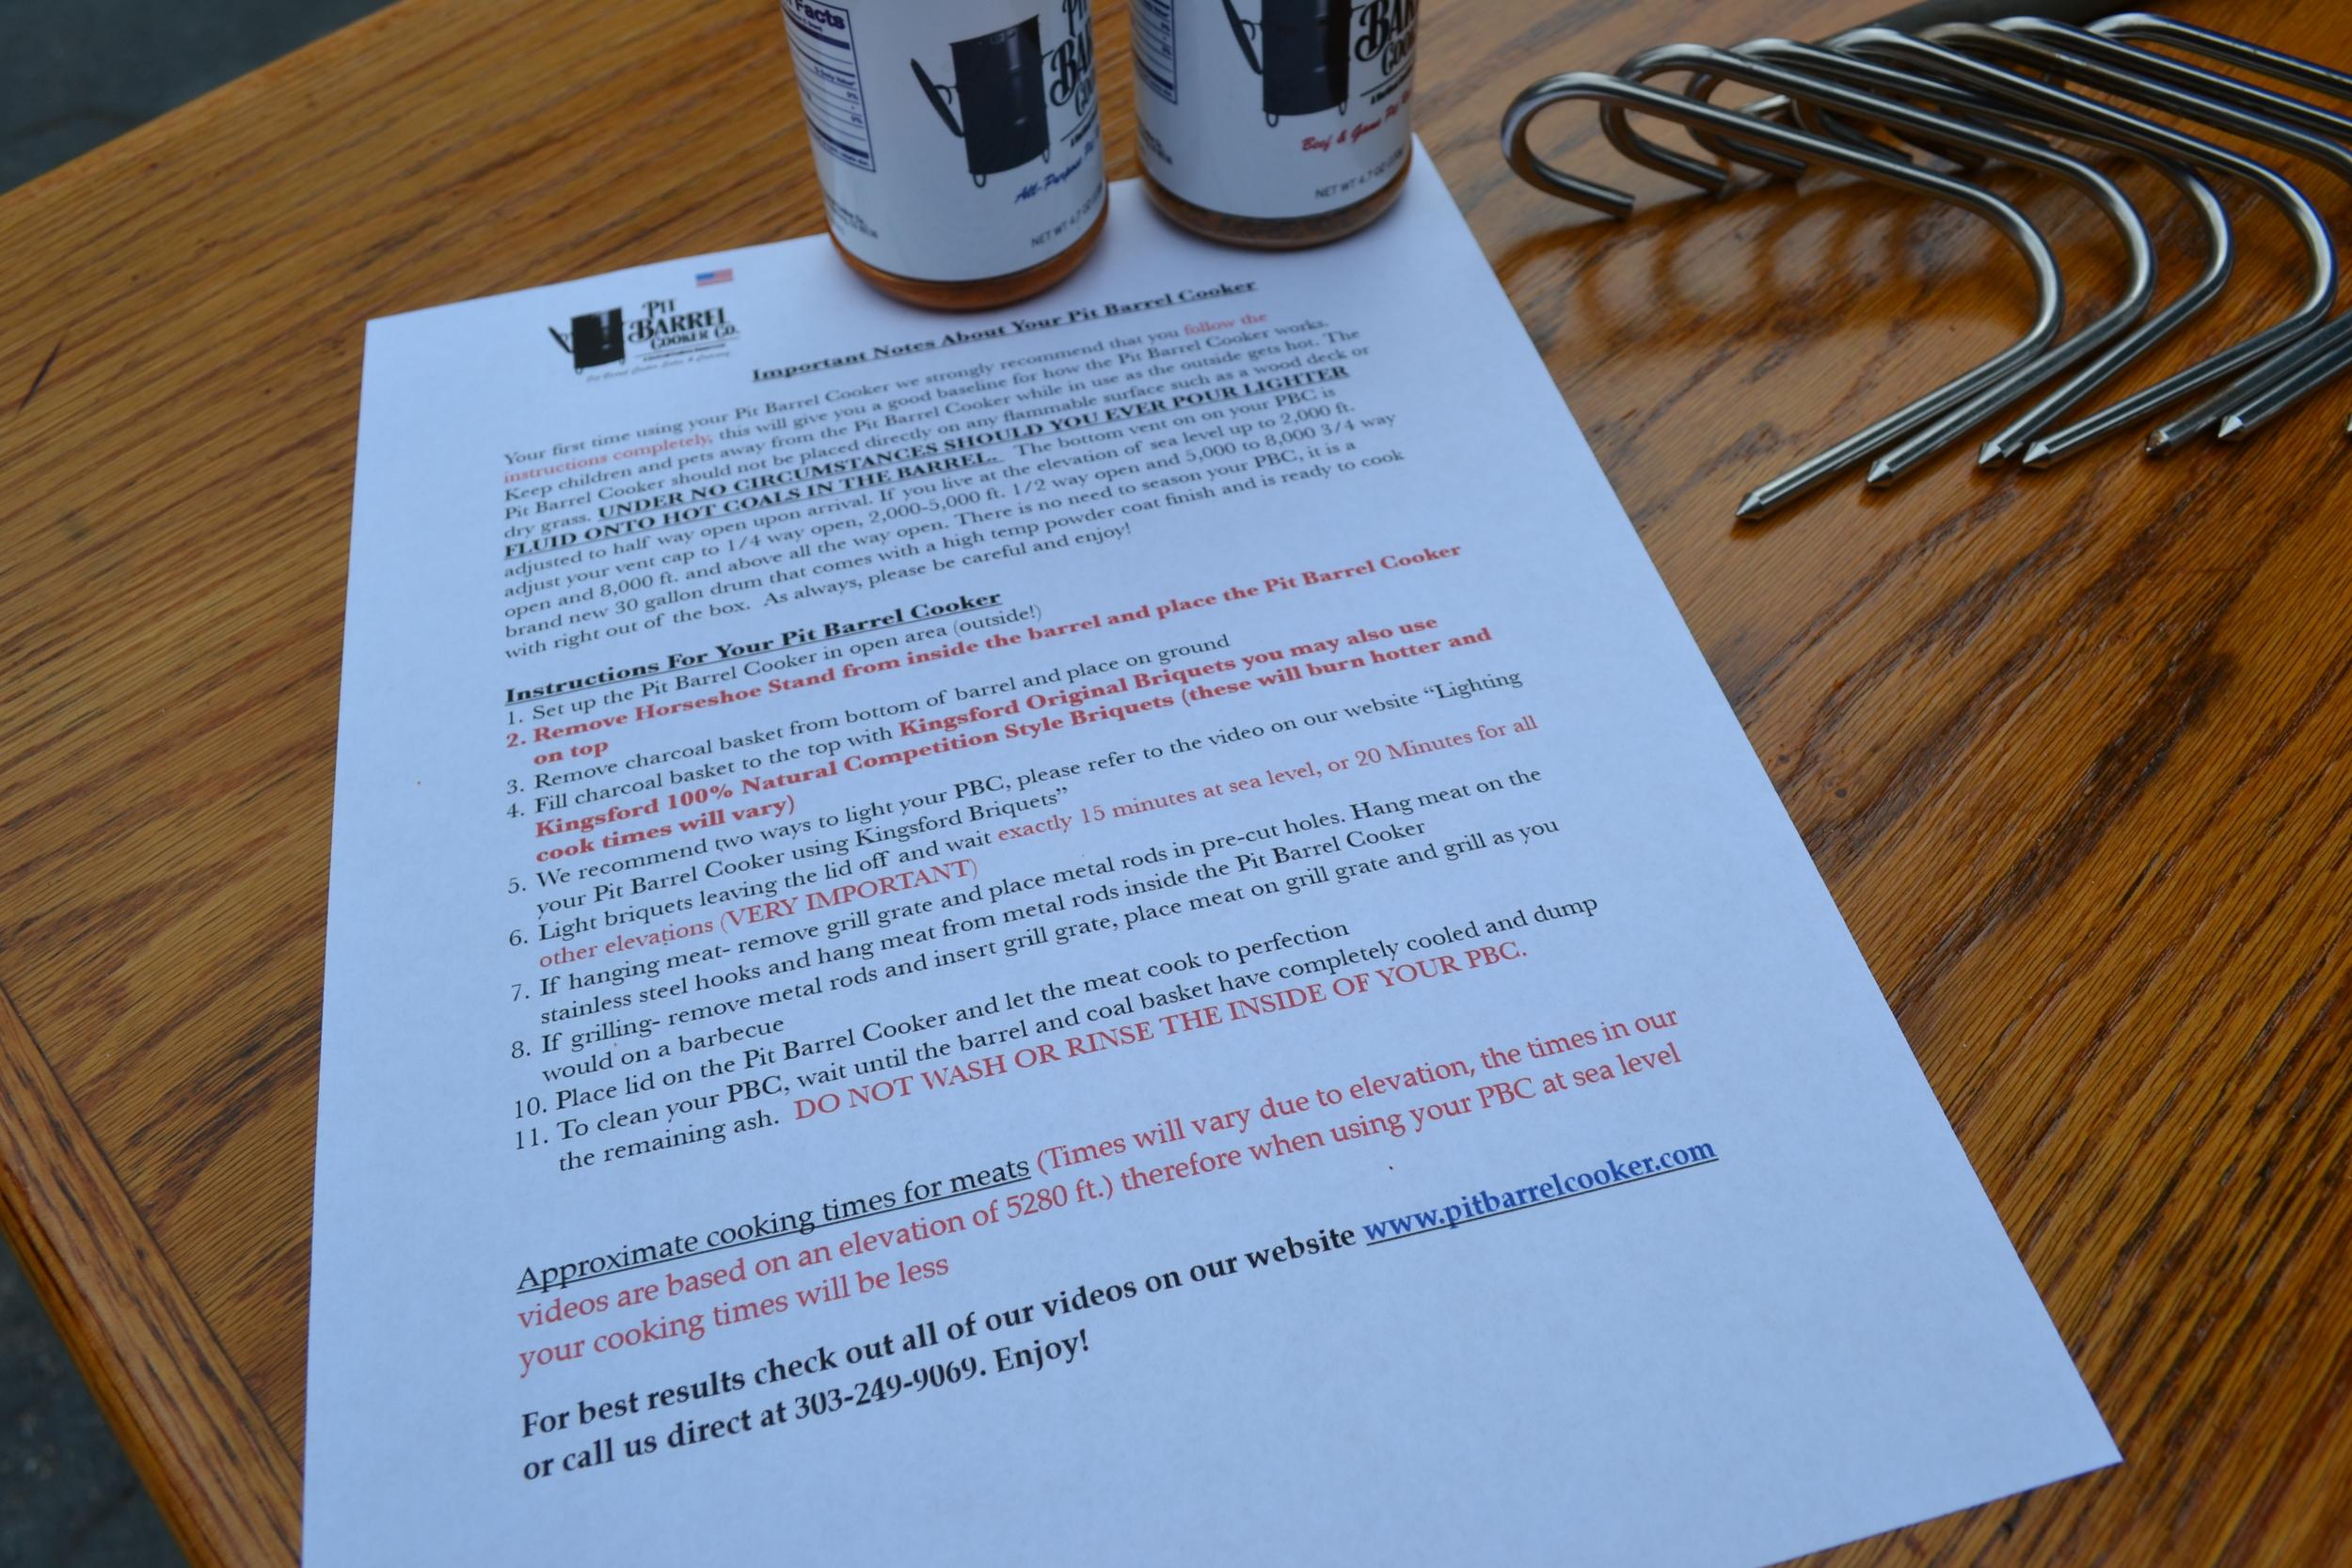 Pit Barrel Cooker Instructions.JPG